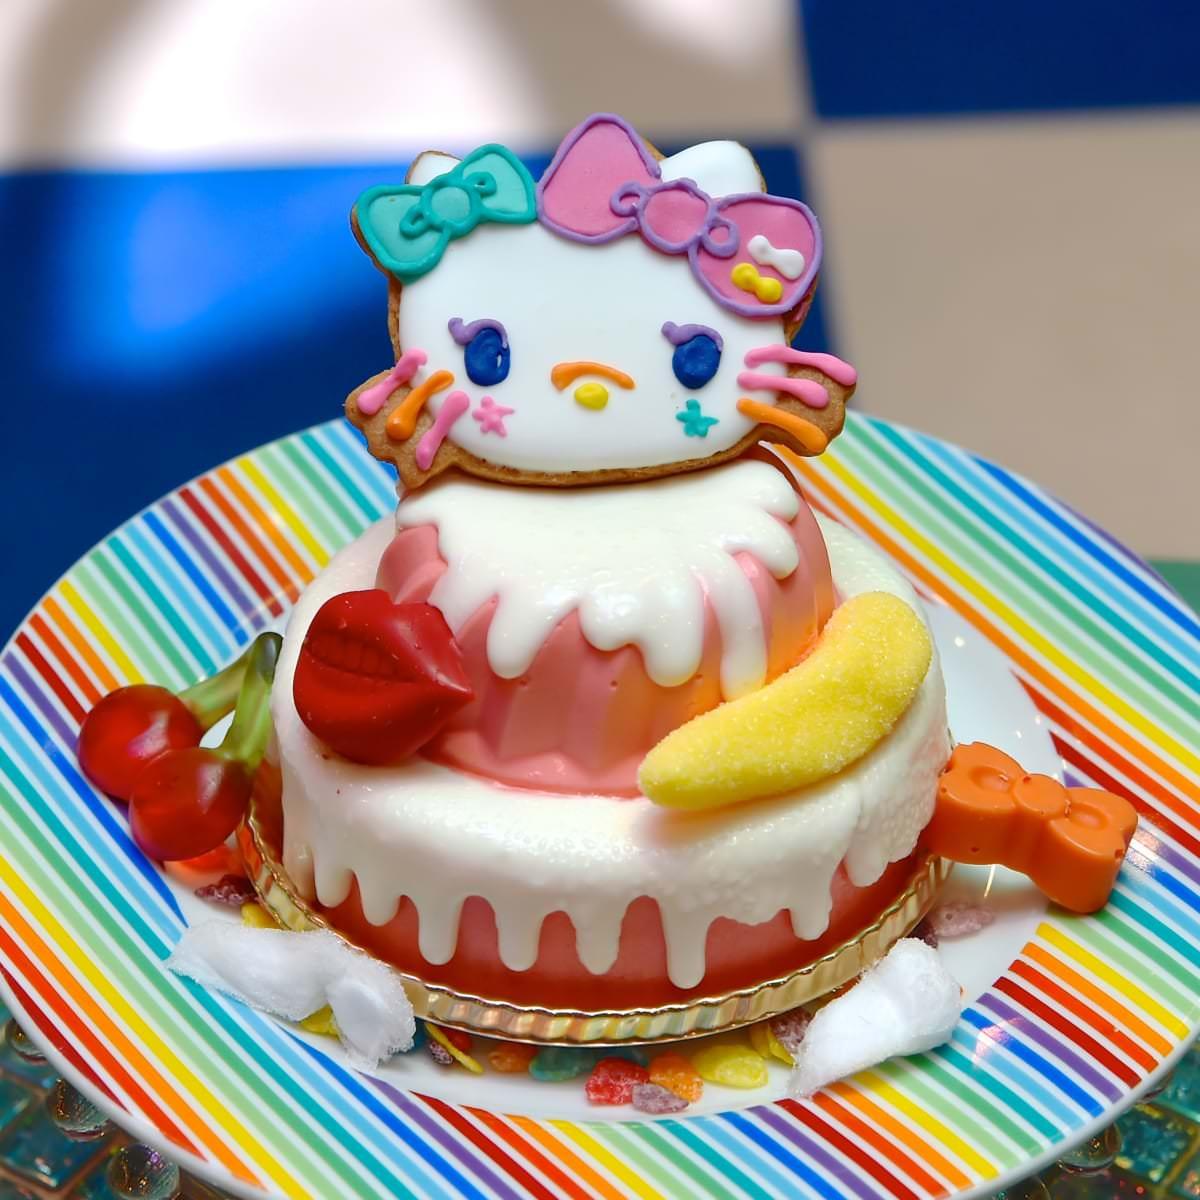 原宿×KAWAII×キティのスイーツゴーランドケーキ2